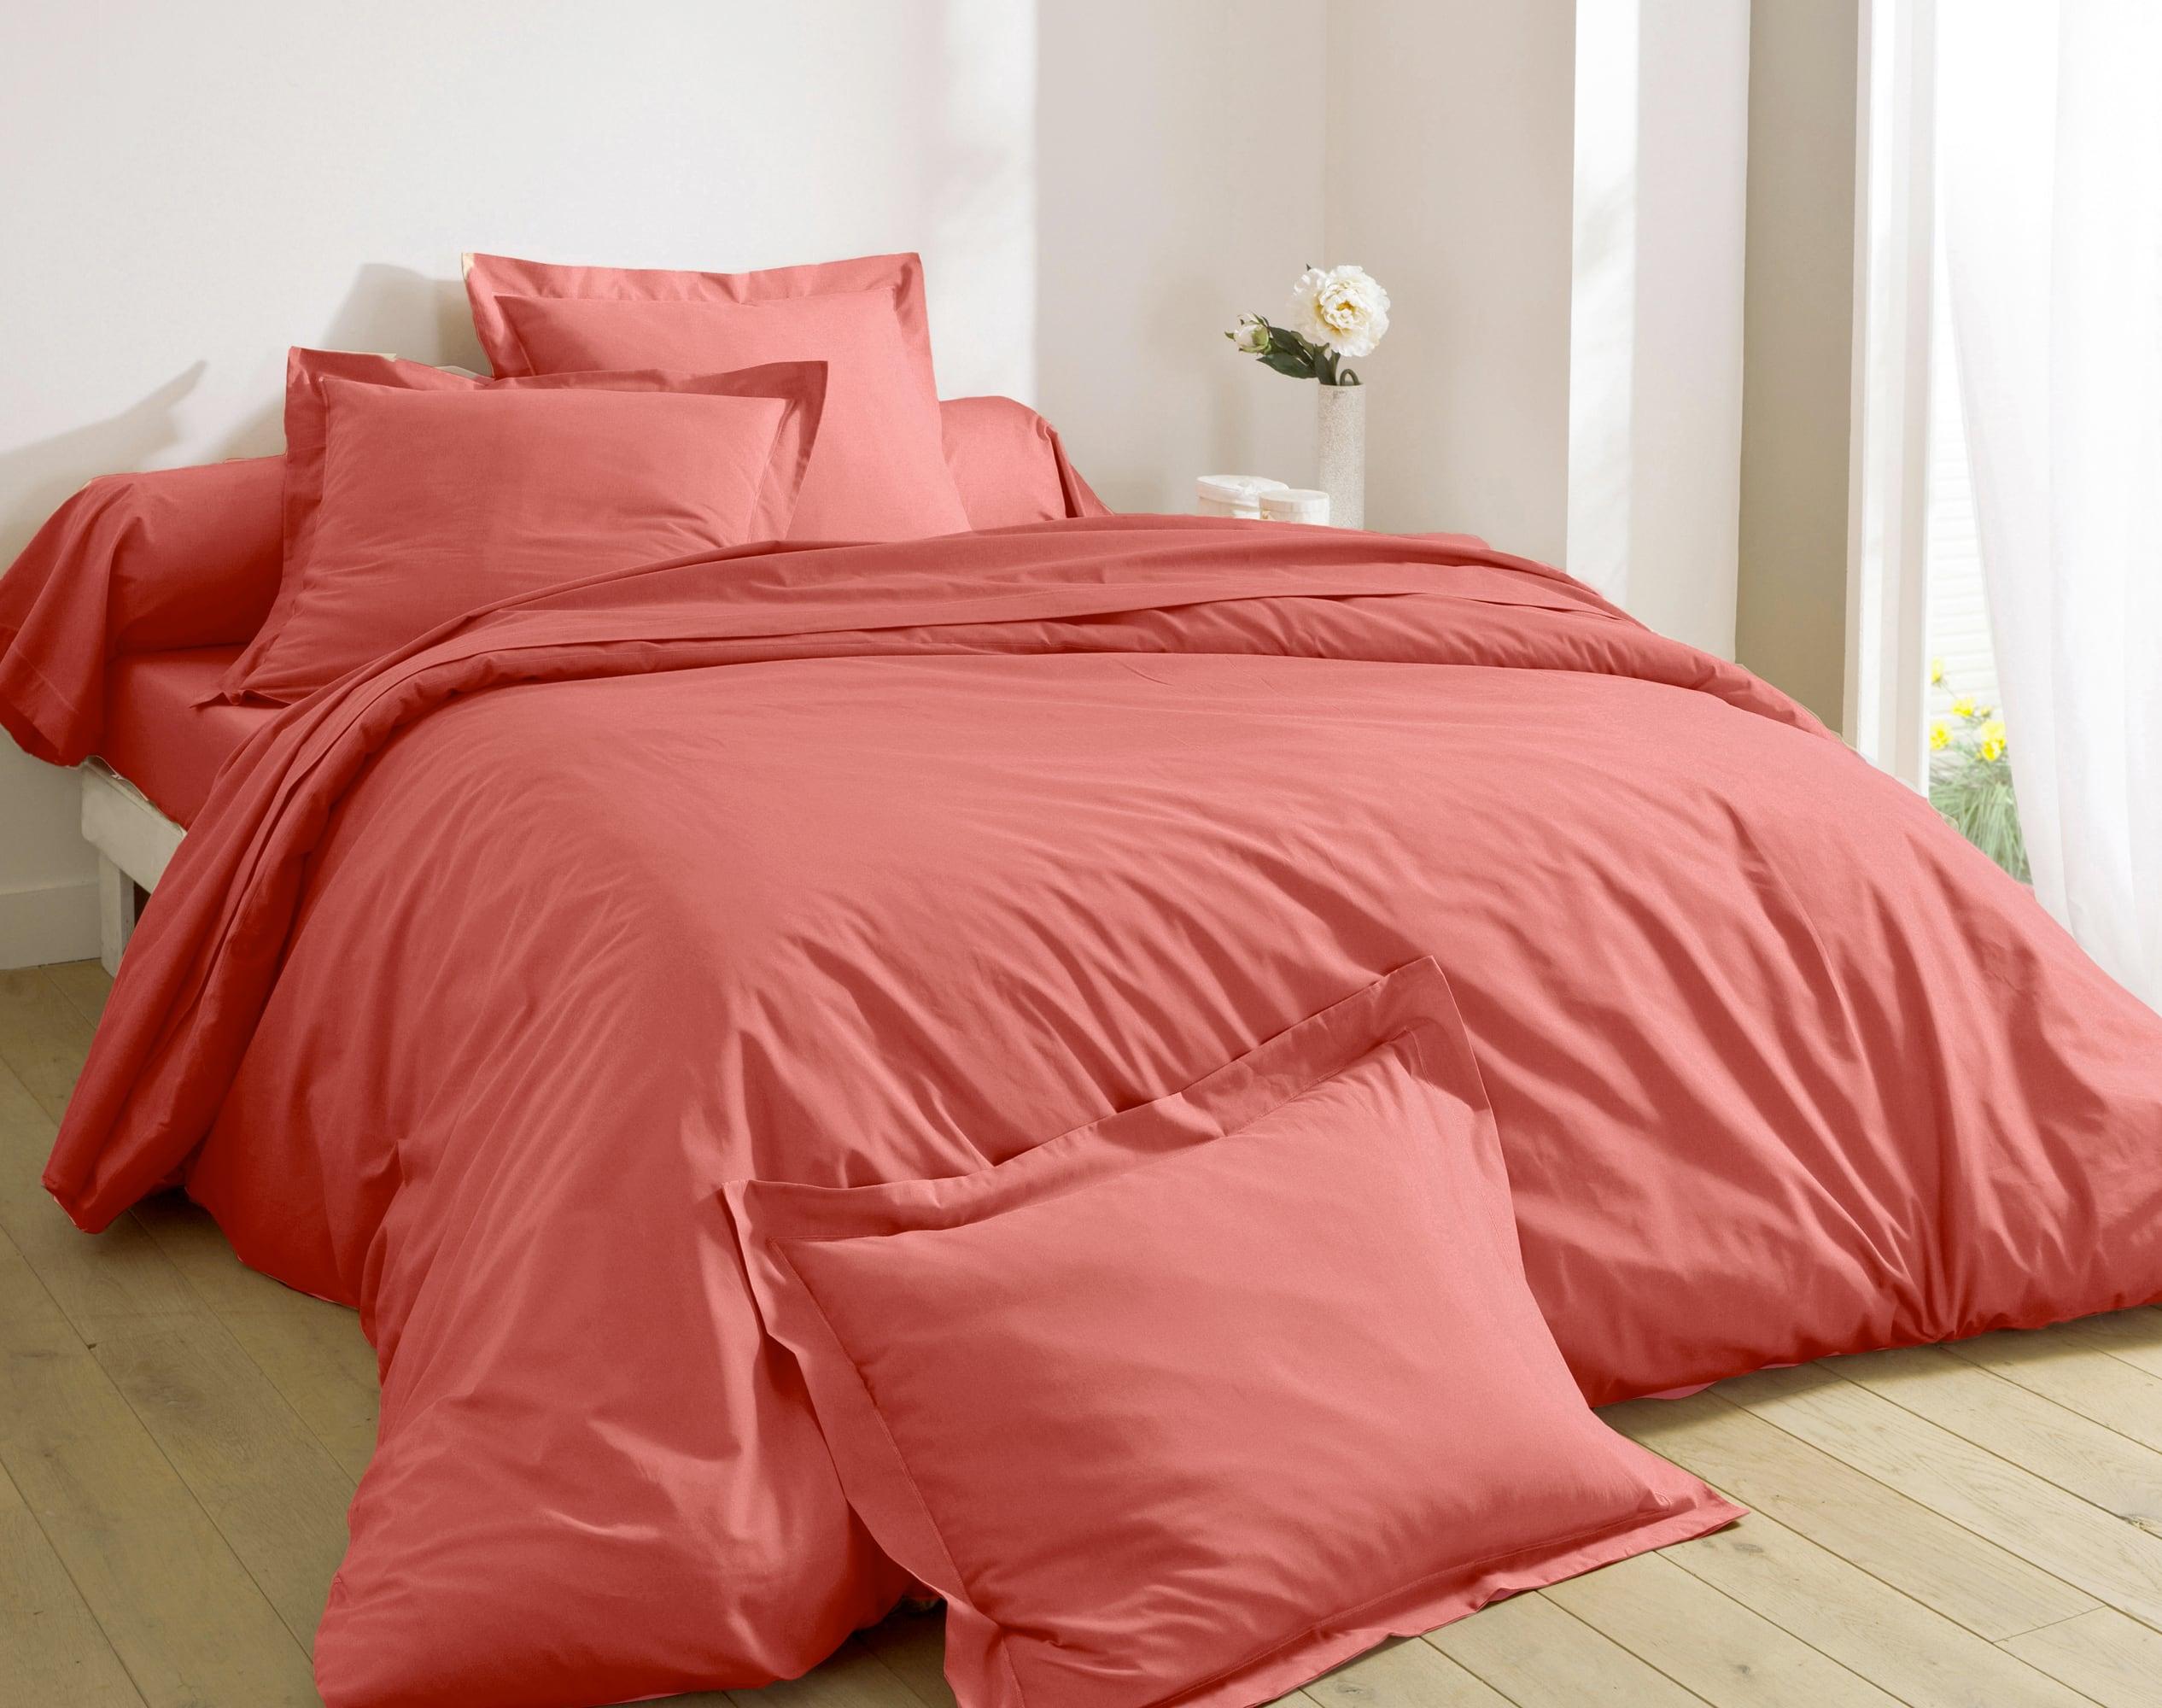 Housse de couette réversible 240x220 multicolore en percale de coton